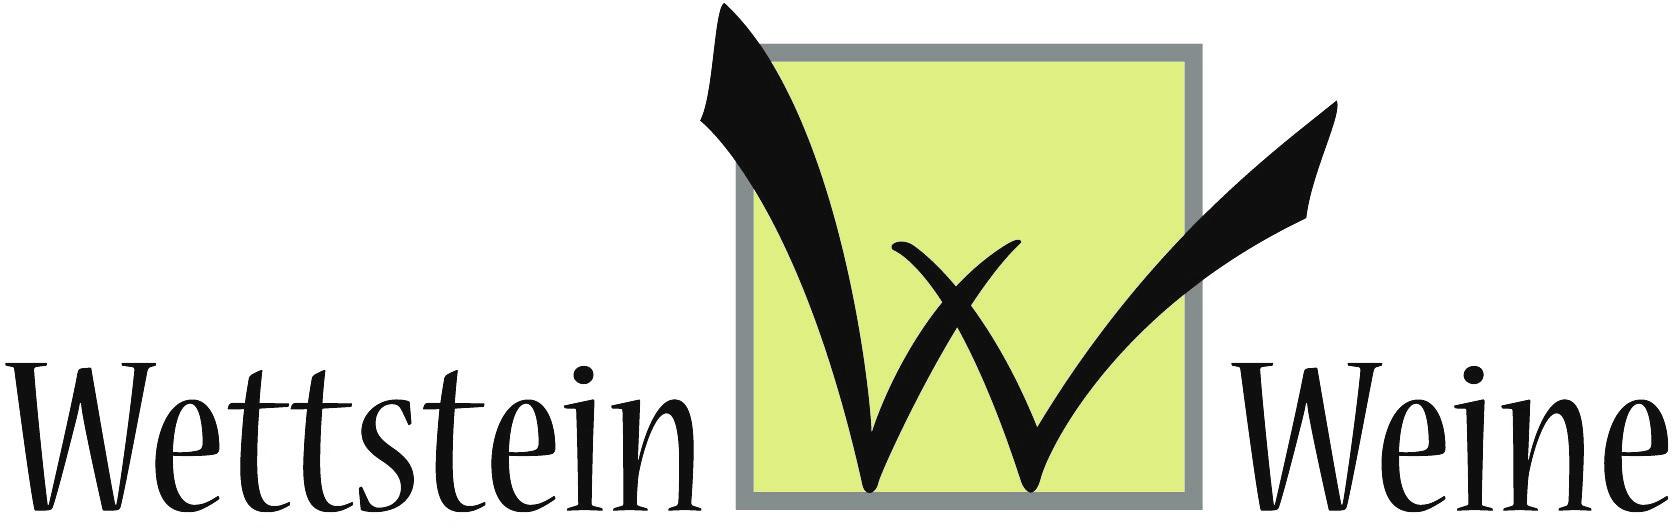 Wettstein-Weine